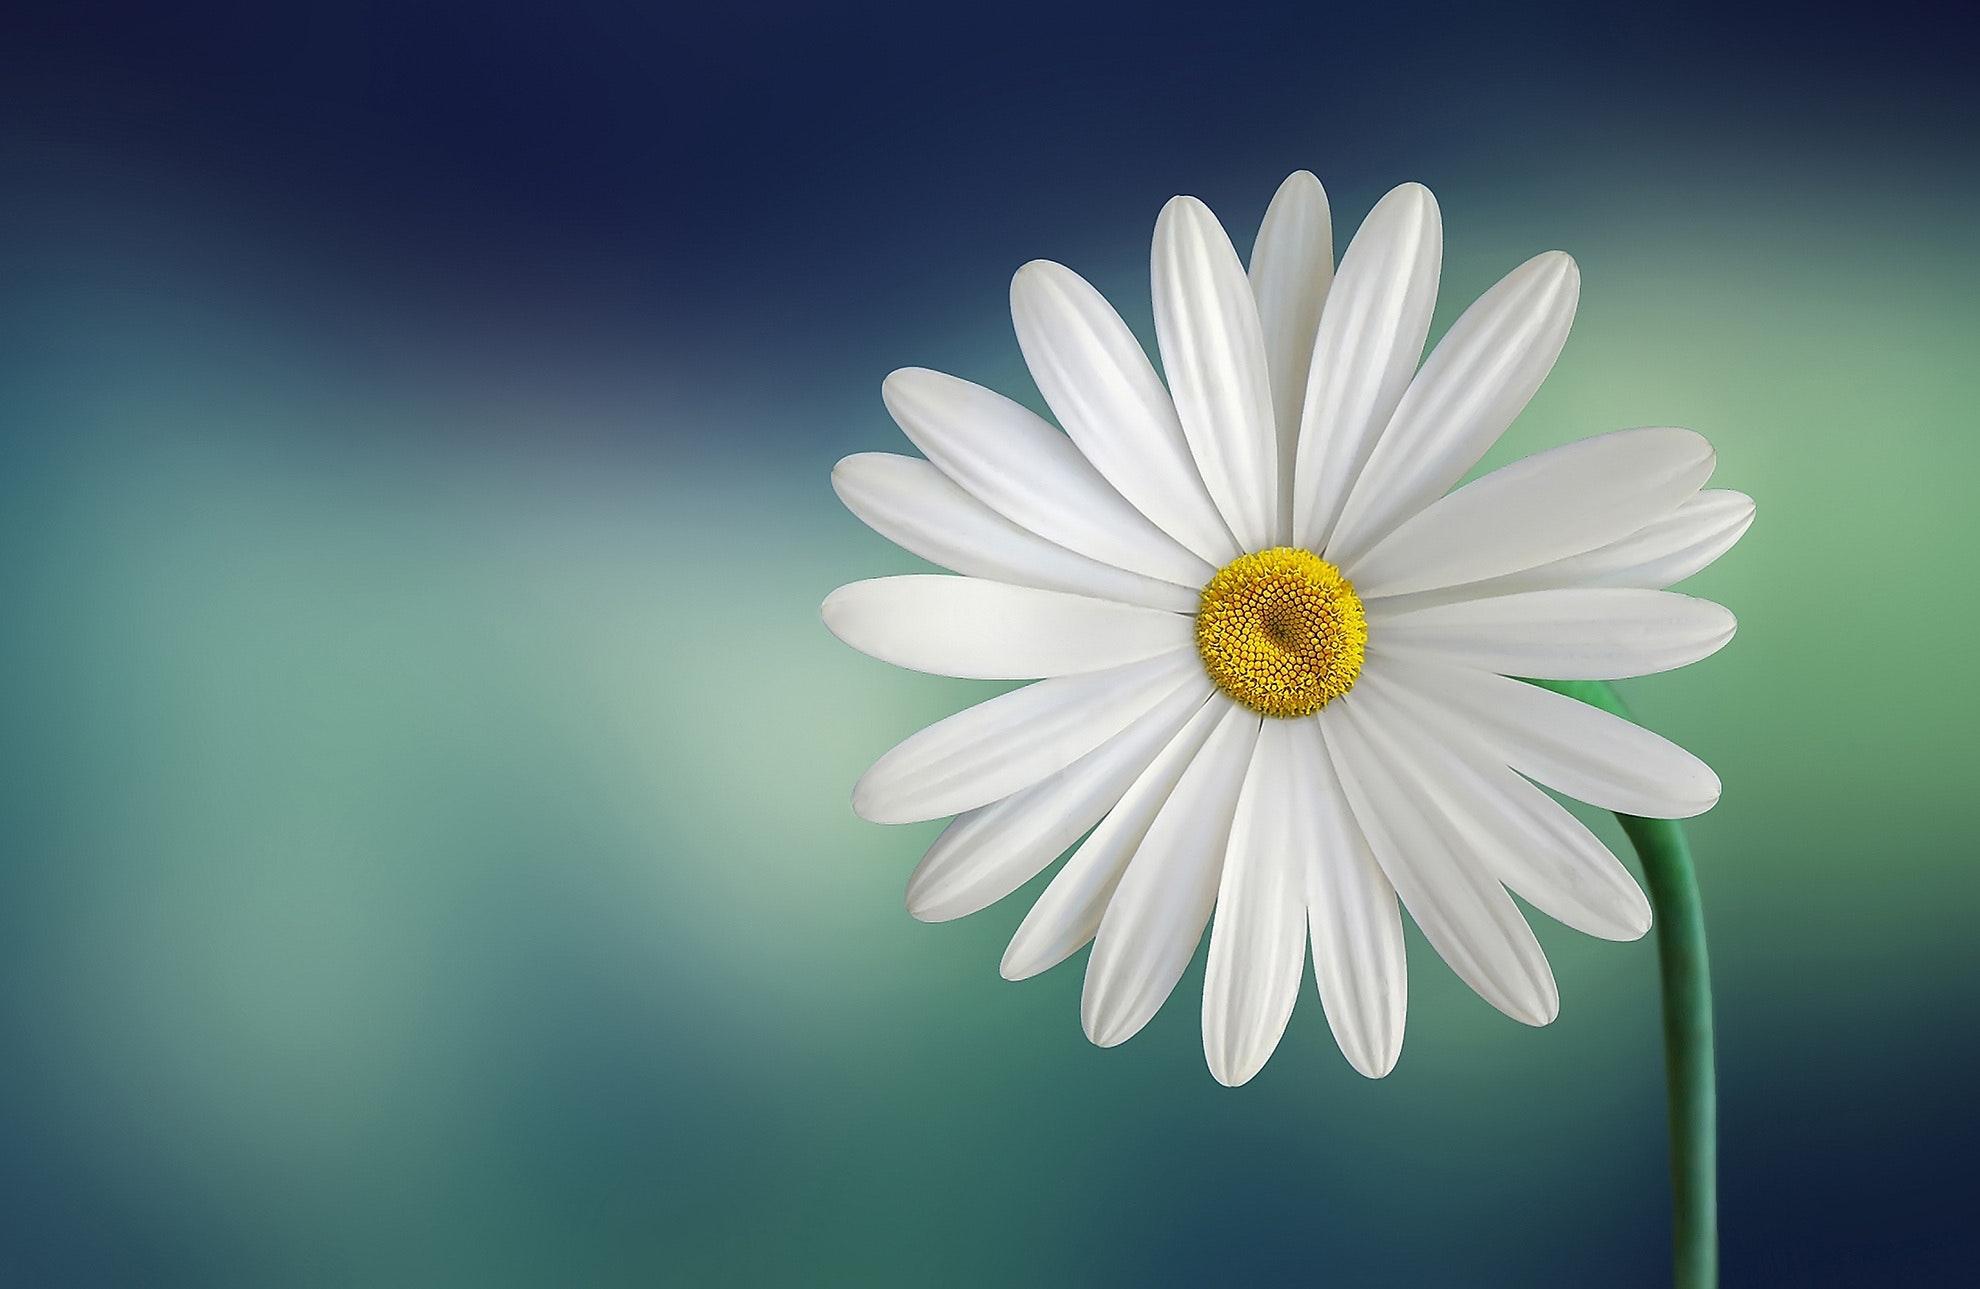 hinh anh hoa cuc vang